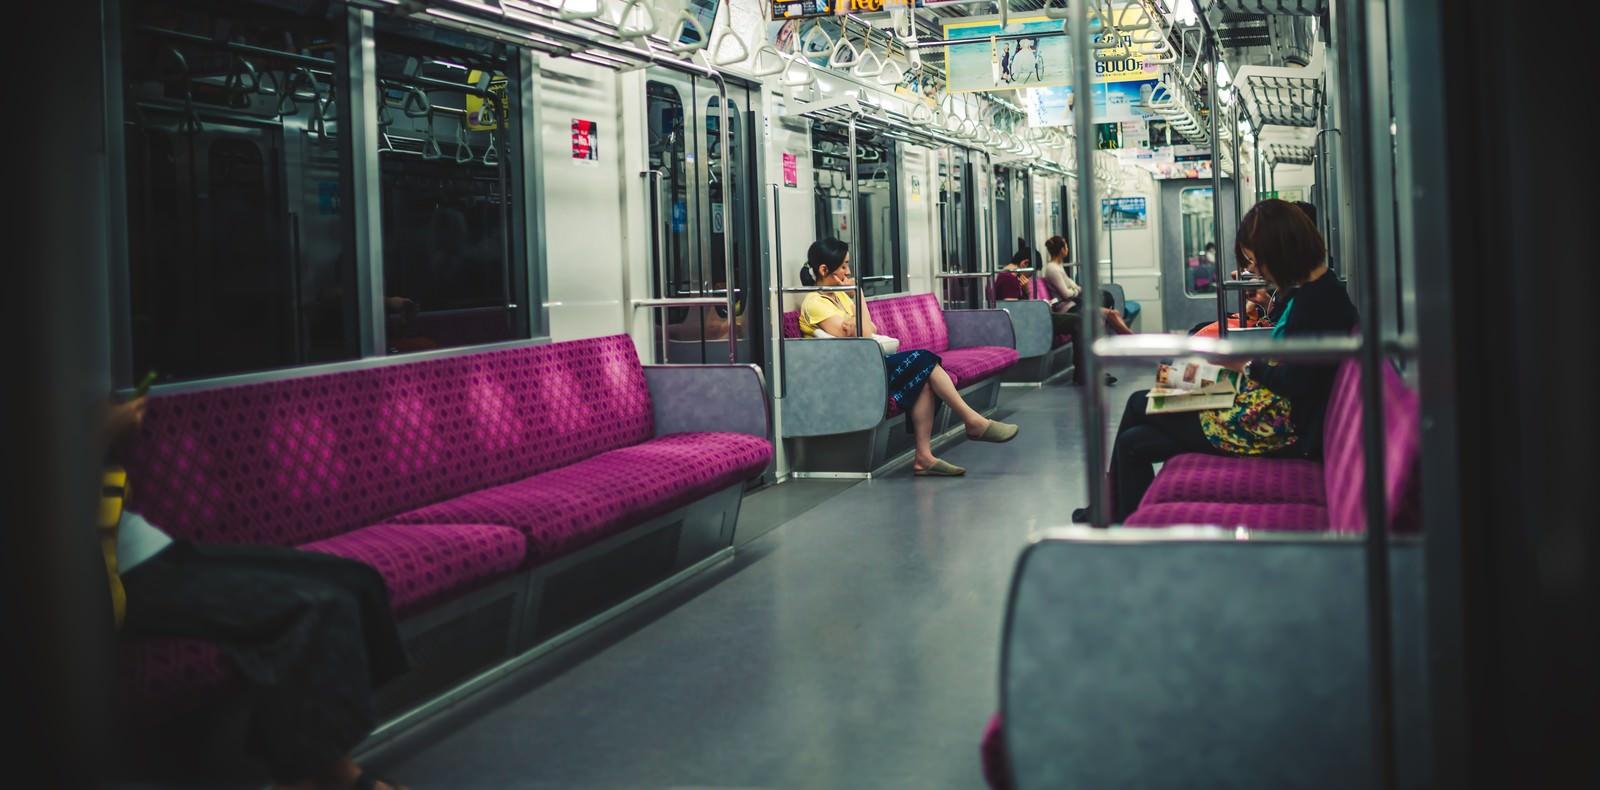 「夜間の電車内」の写真